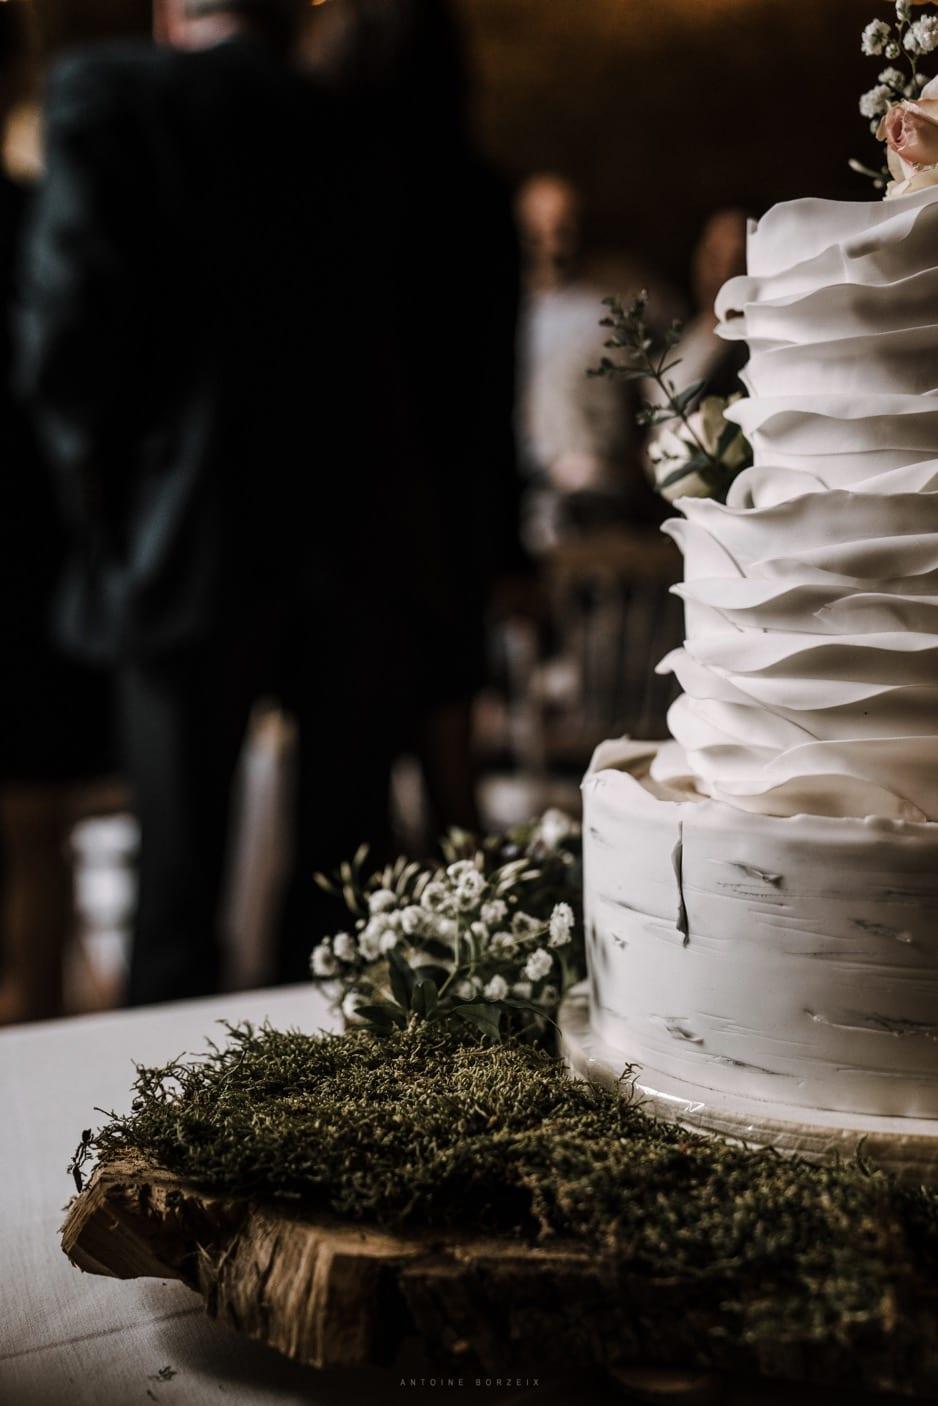 wedding cake quimper dessine moi un cake Le meilleur photographe et videaste de mariage en finistere